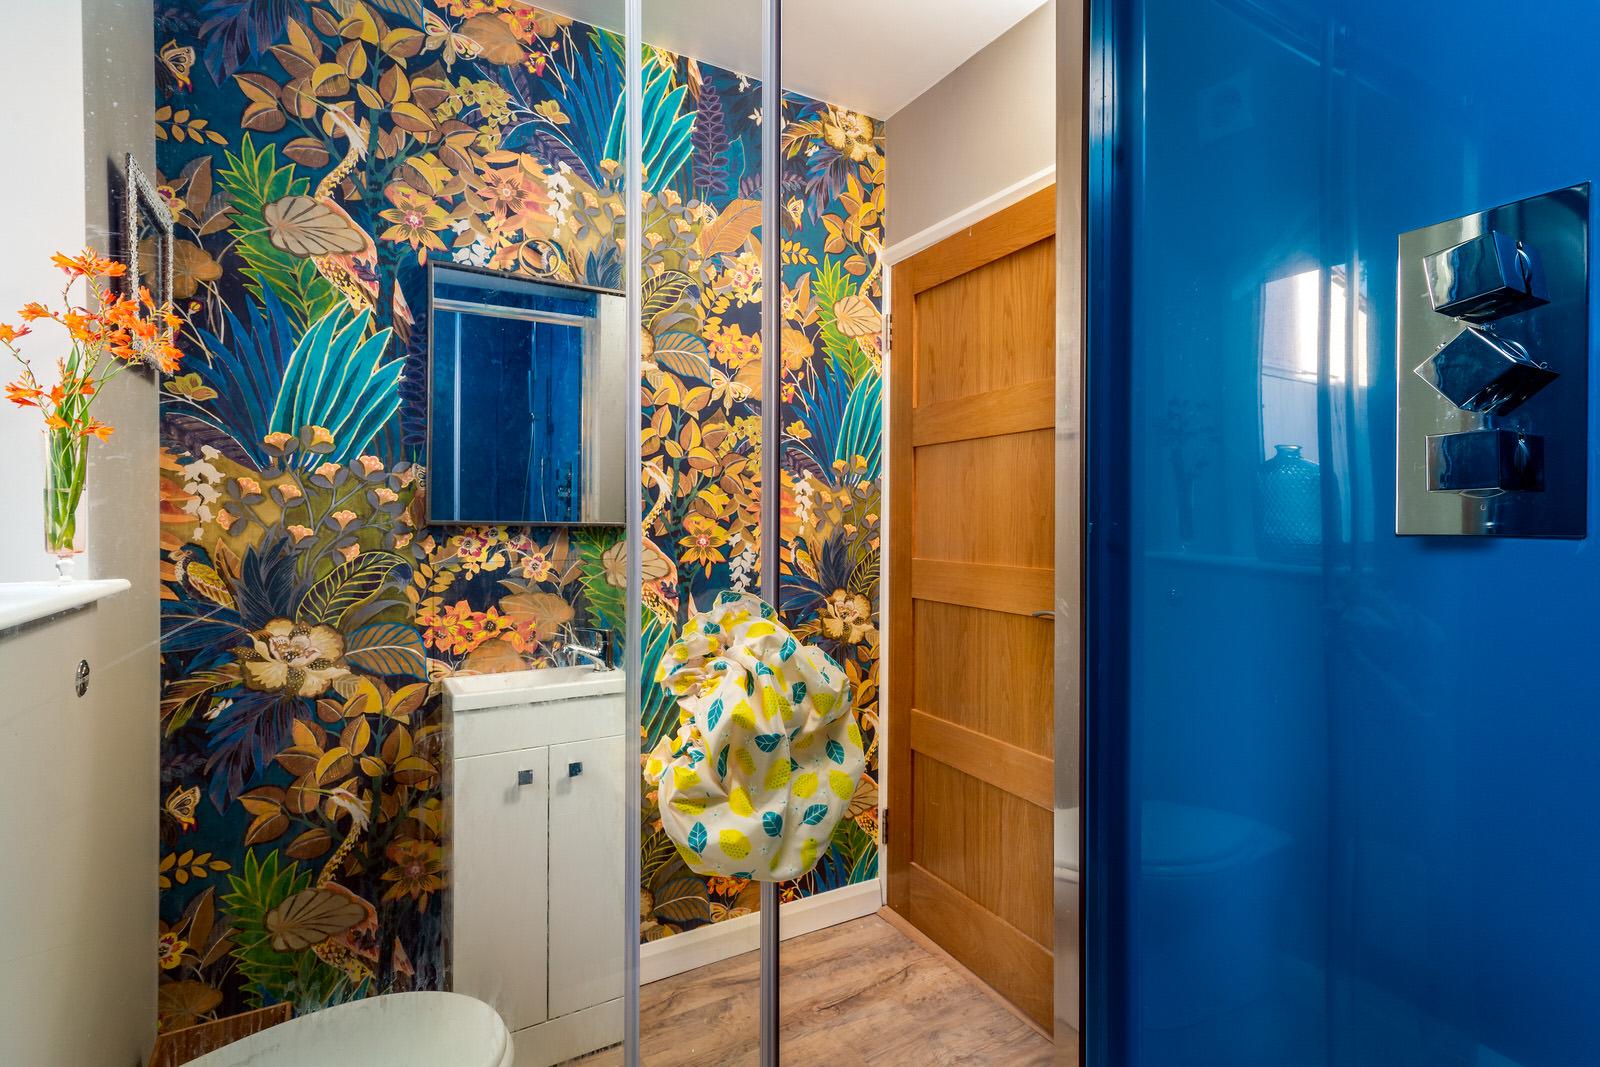 Hortons shower room after decoration